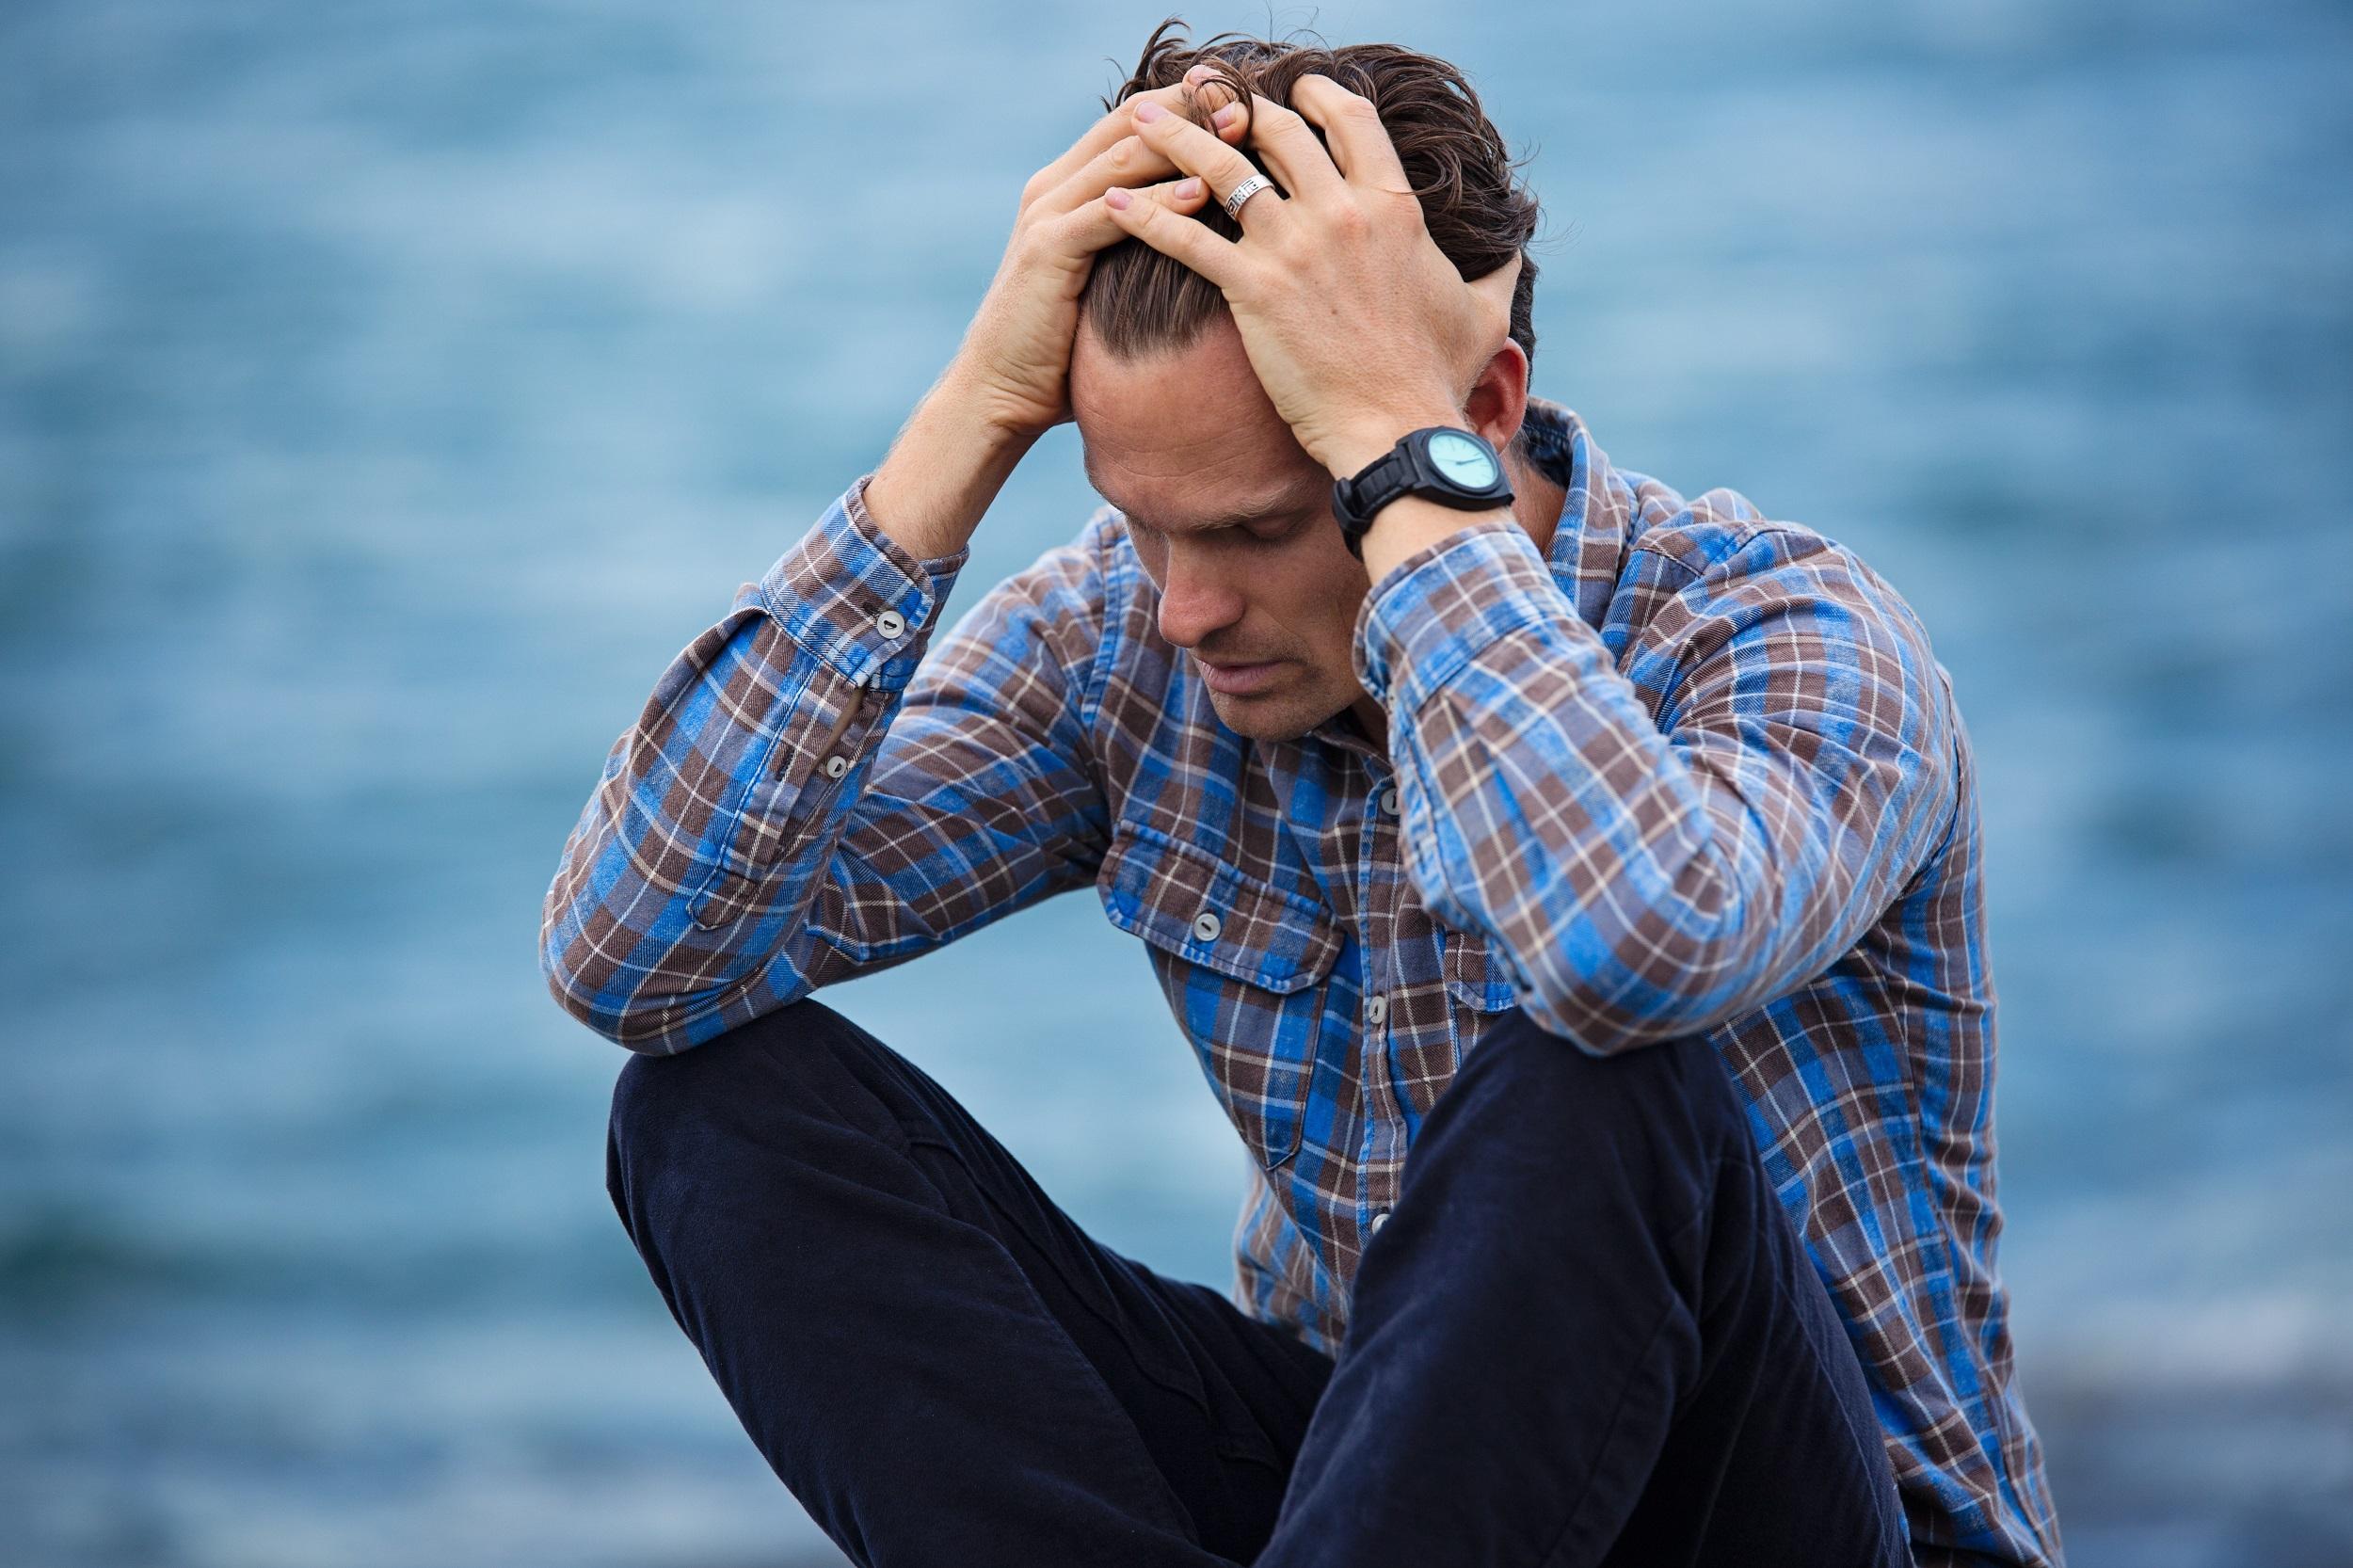 Danskerne kæmper med lavt selvværd som følger af stress og depression